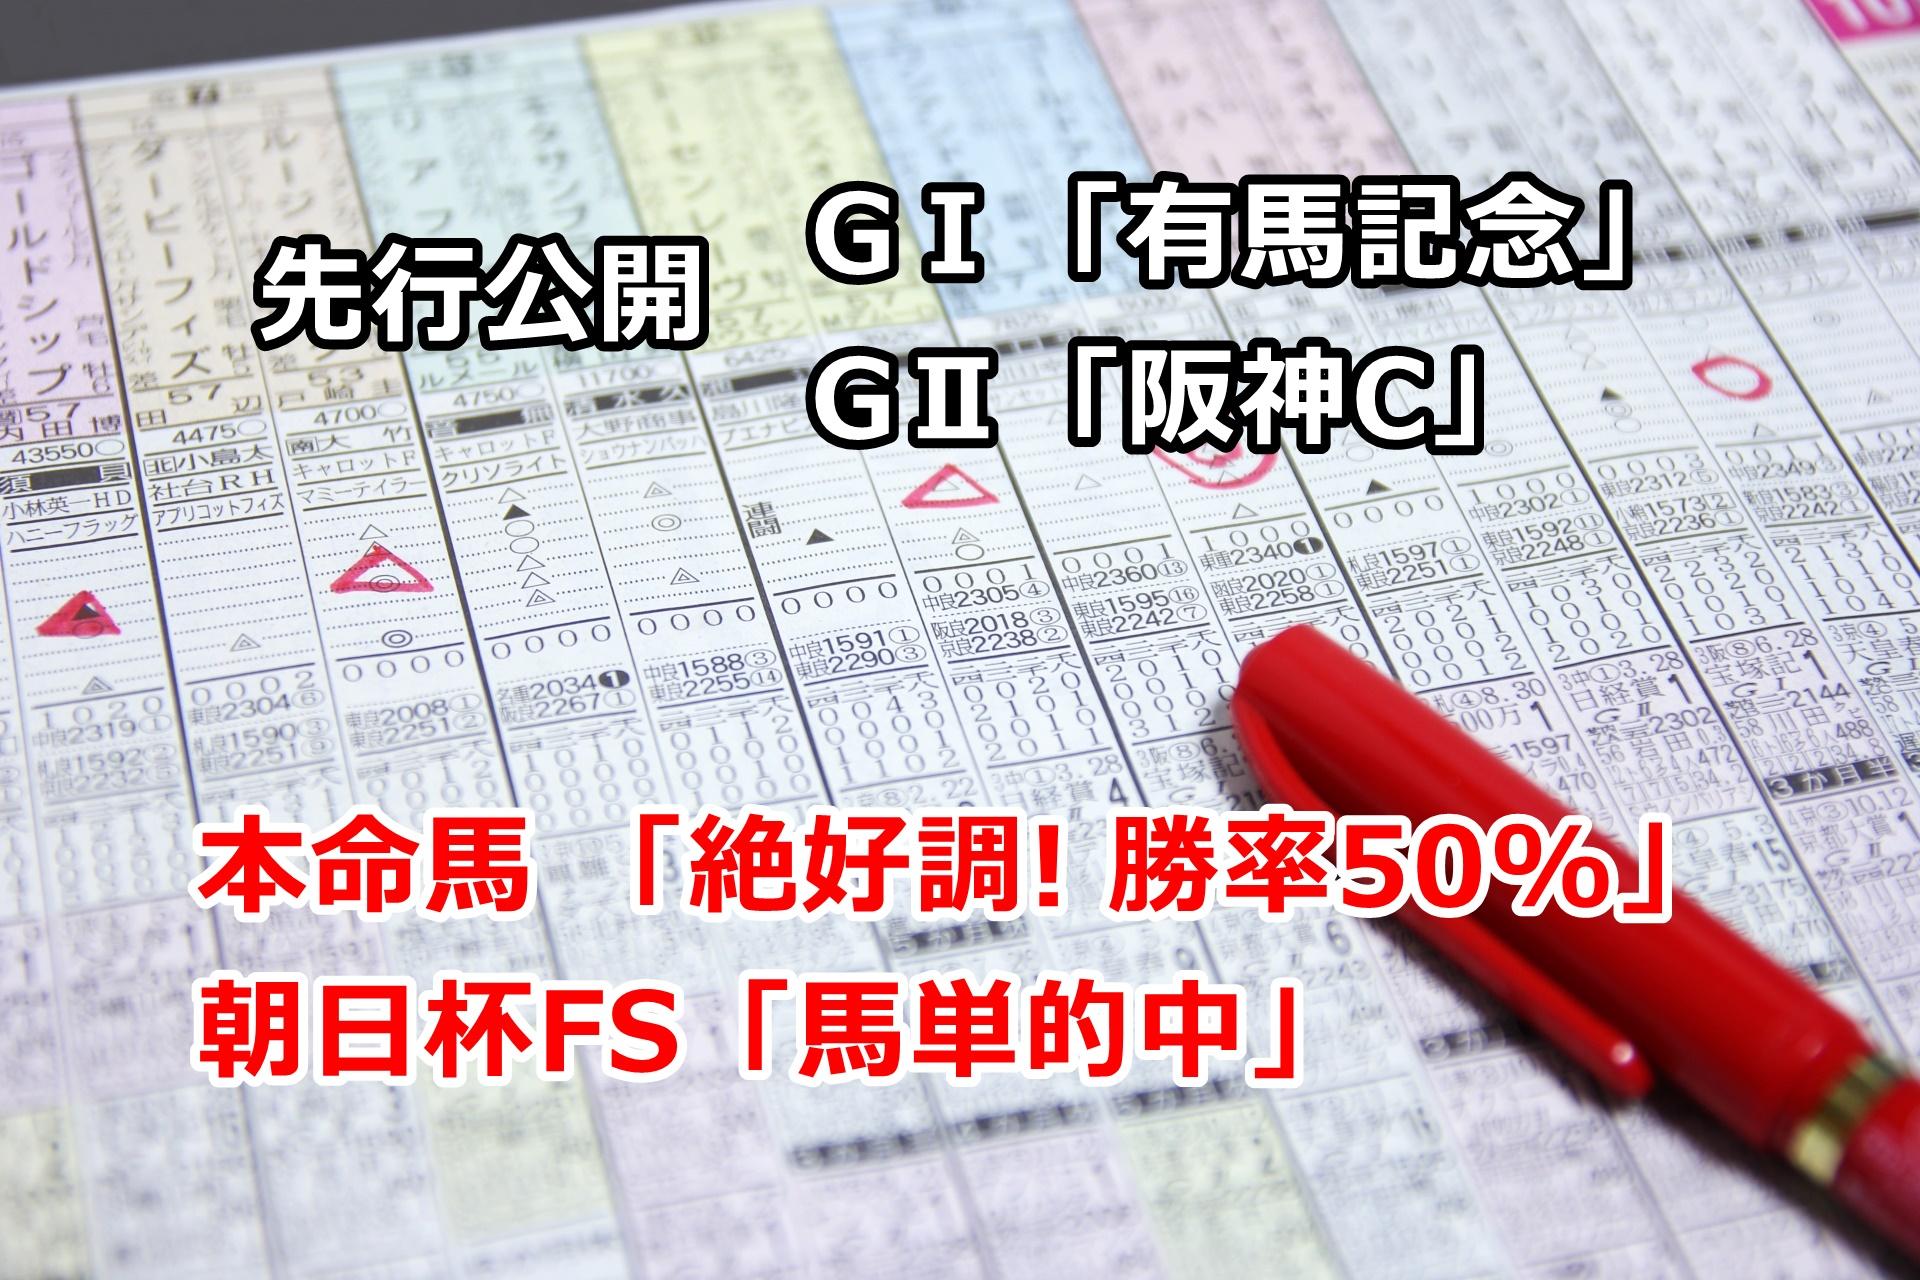 【競馬】本命馬「絶好調! 勝率50%」 有馬記念、阪神Cの先行公開 第26回